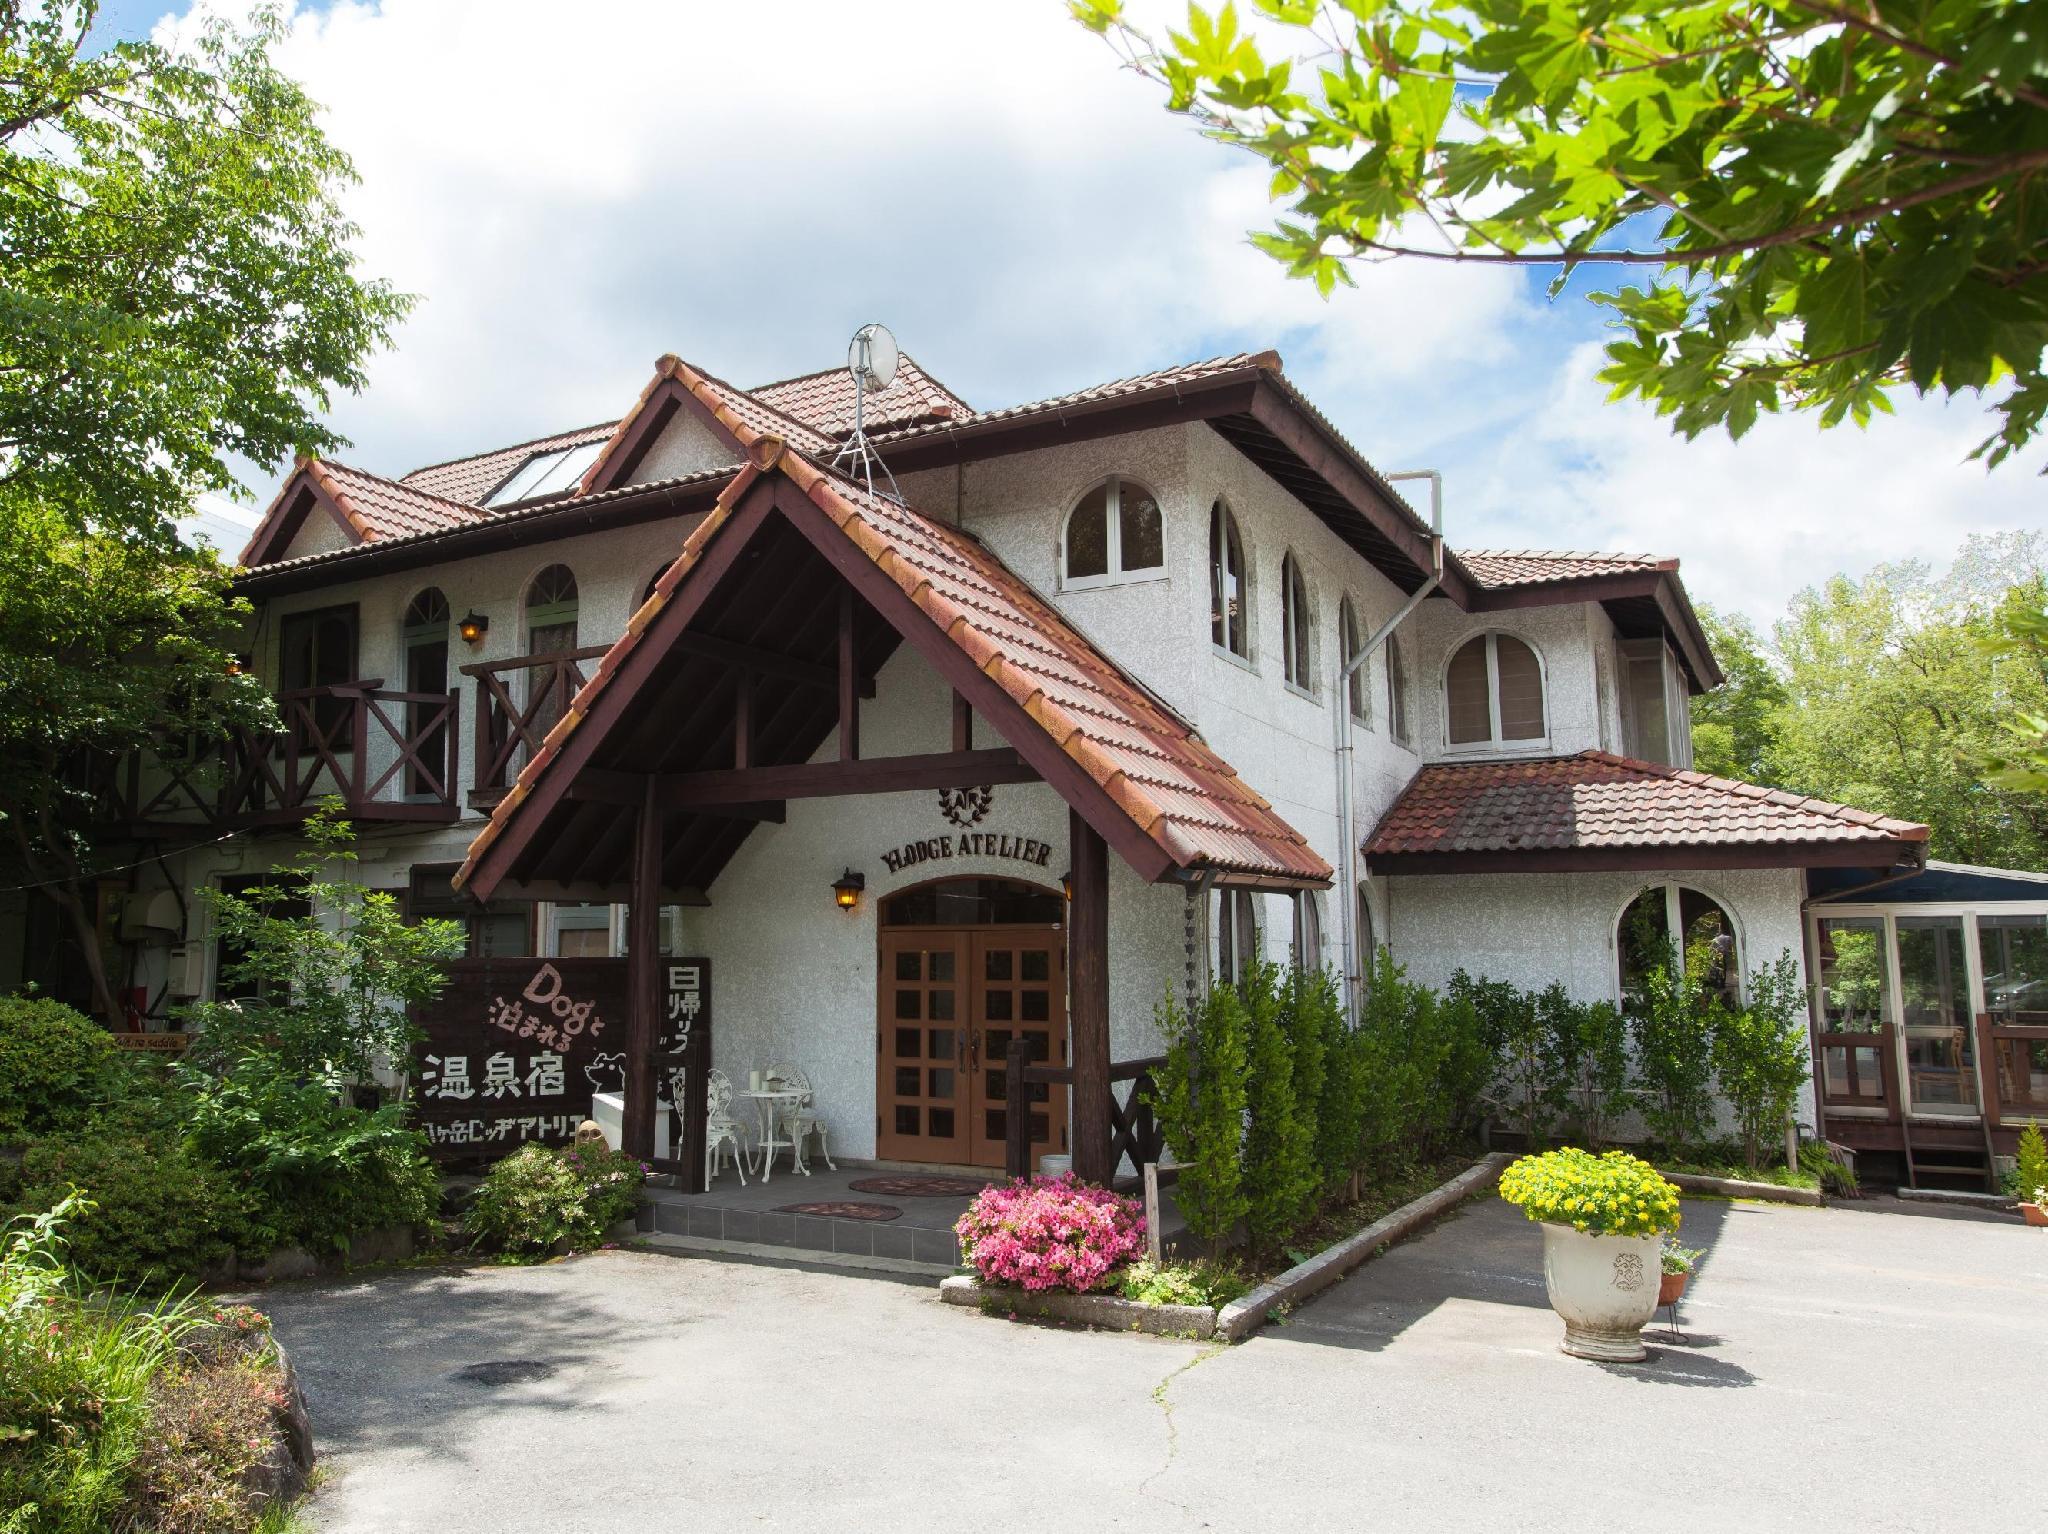 Yatsugatake Lodge Atelier Hotel, Hokuto